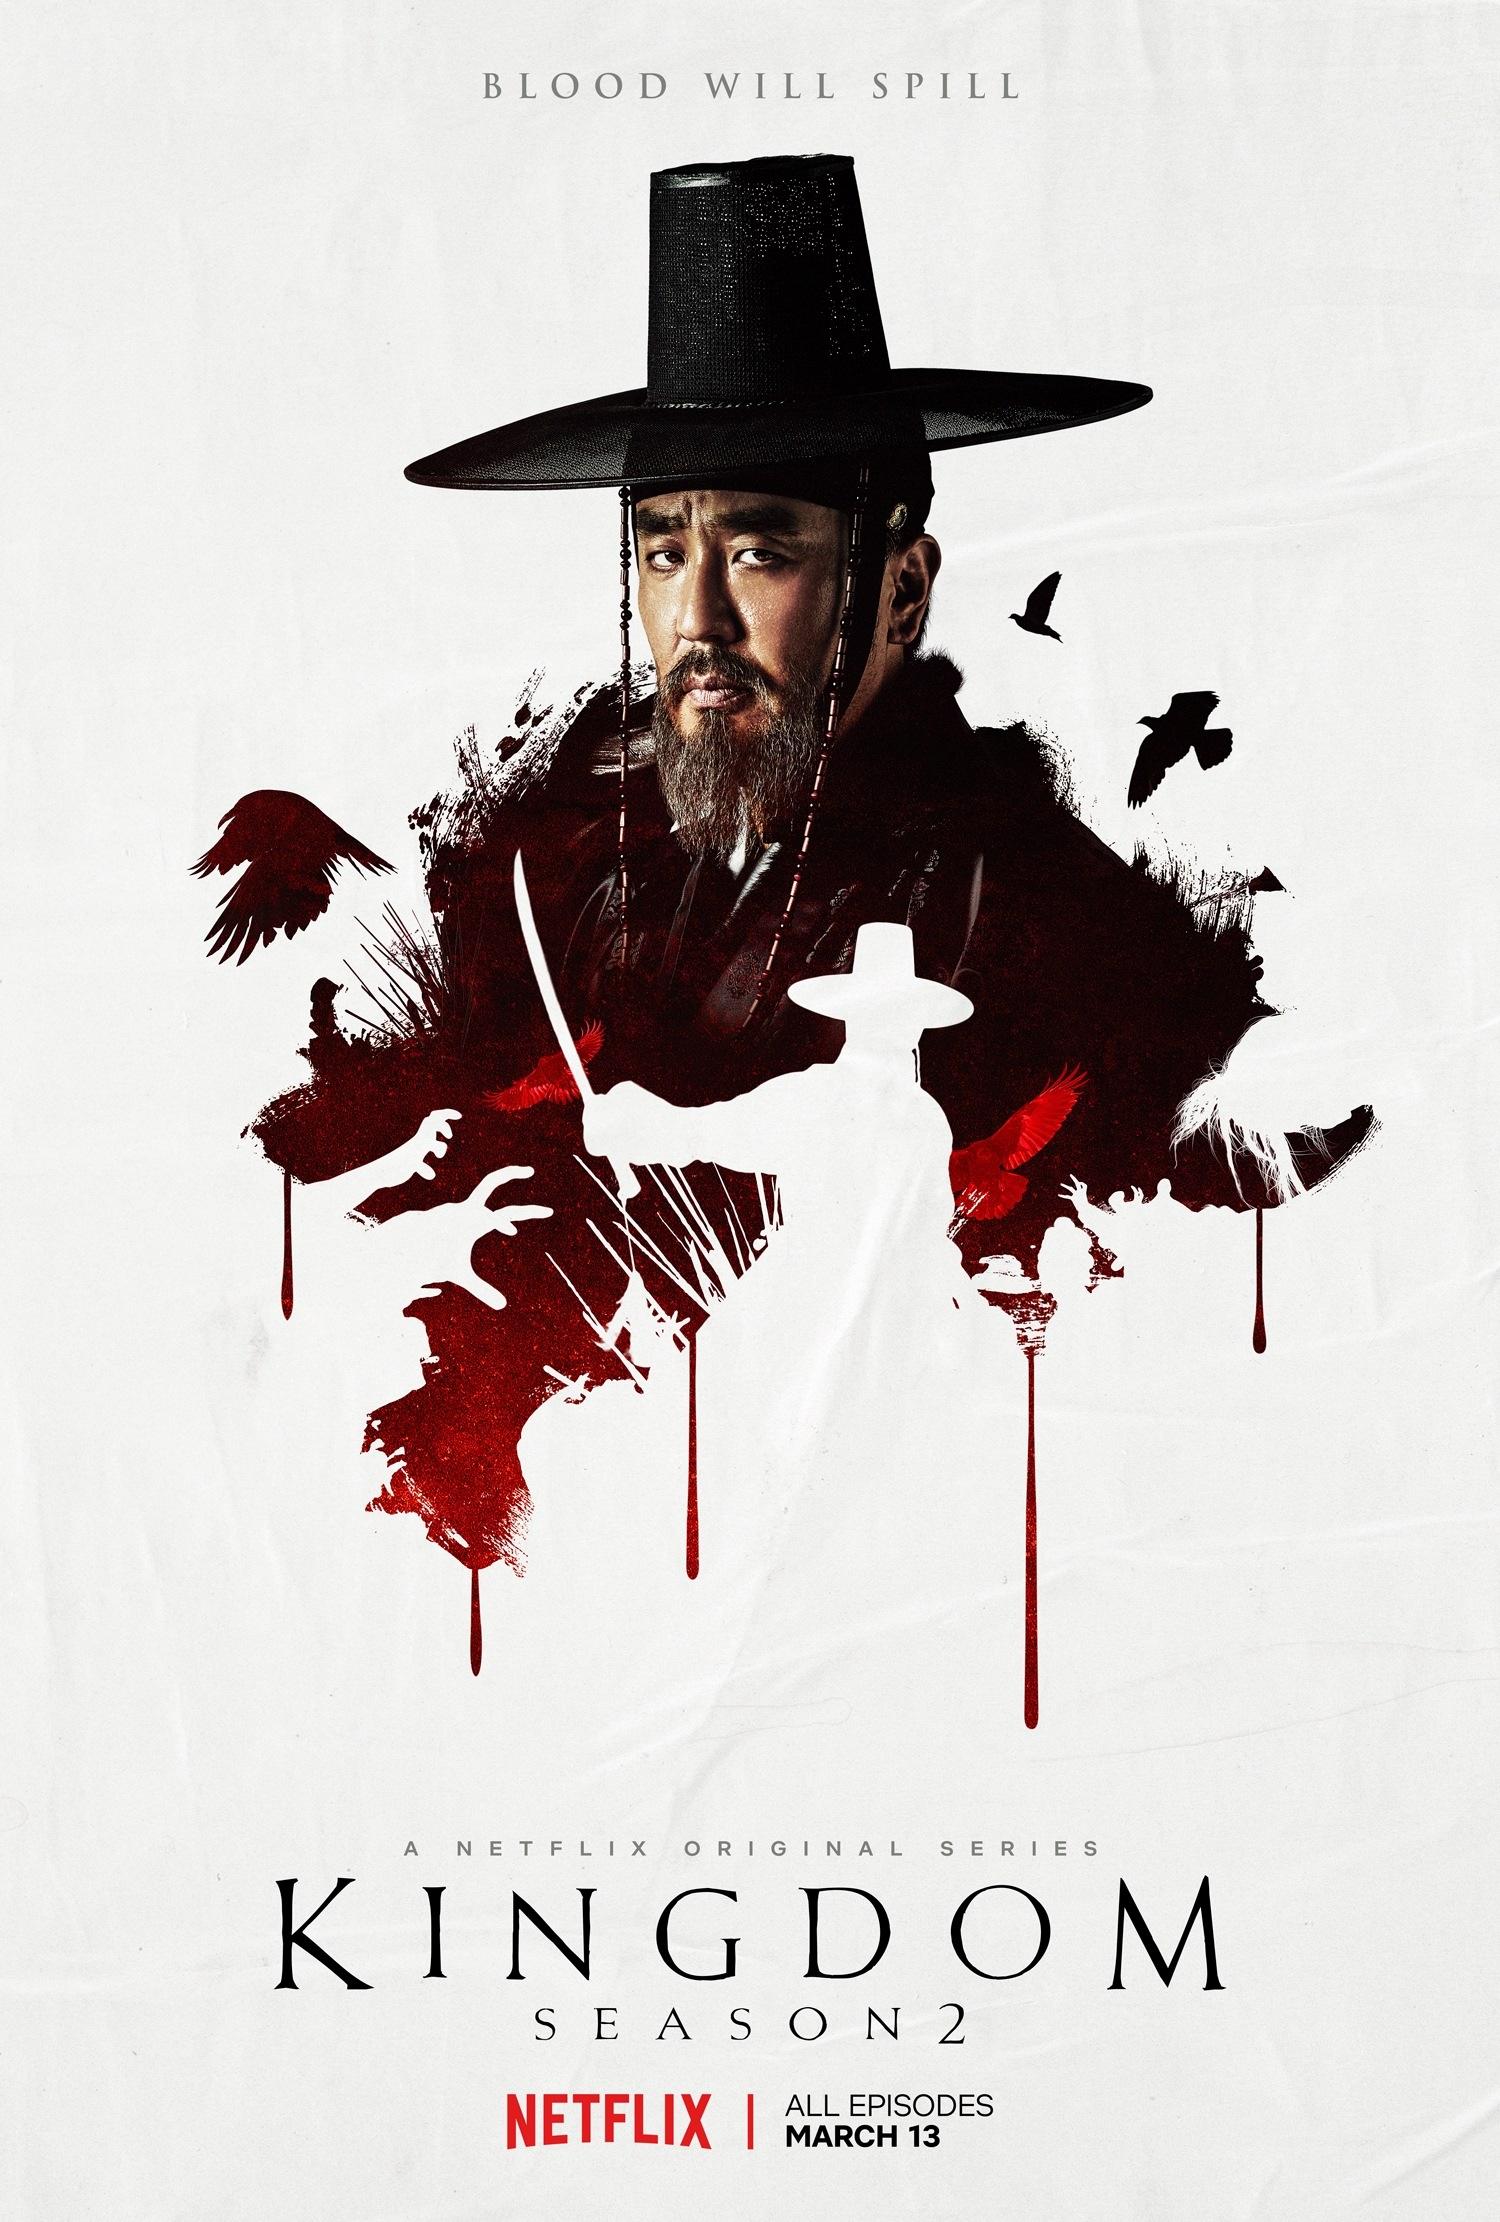 古装丧尸剧《王国》第二季角色海报公布 丧尸真可怕